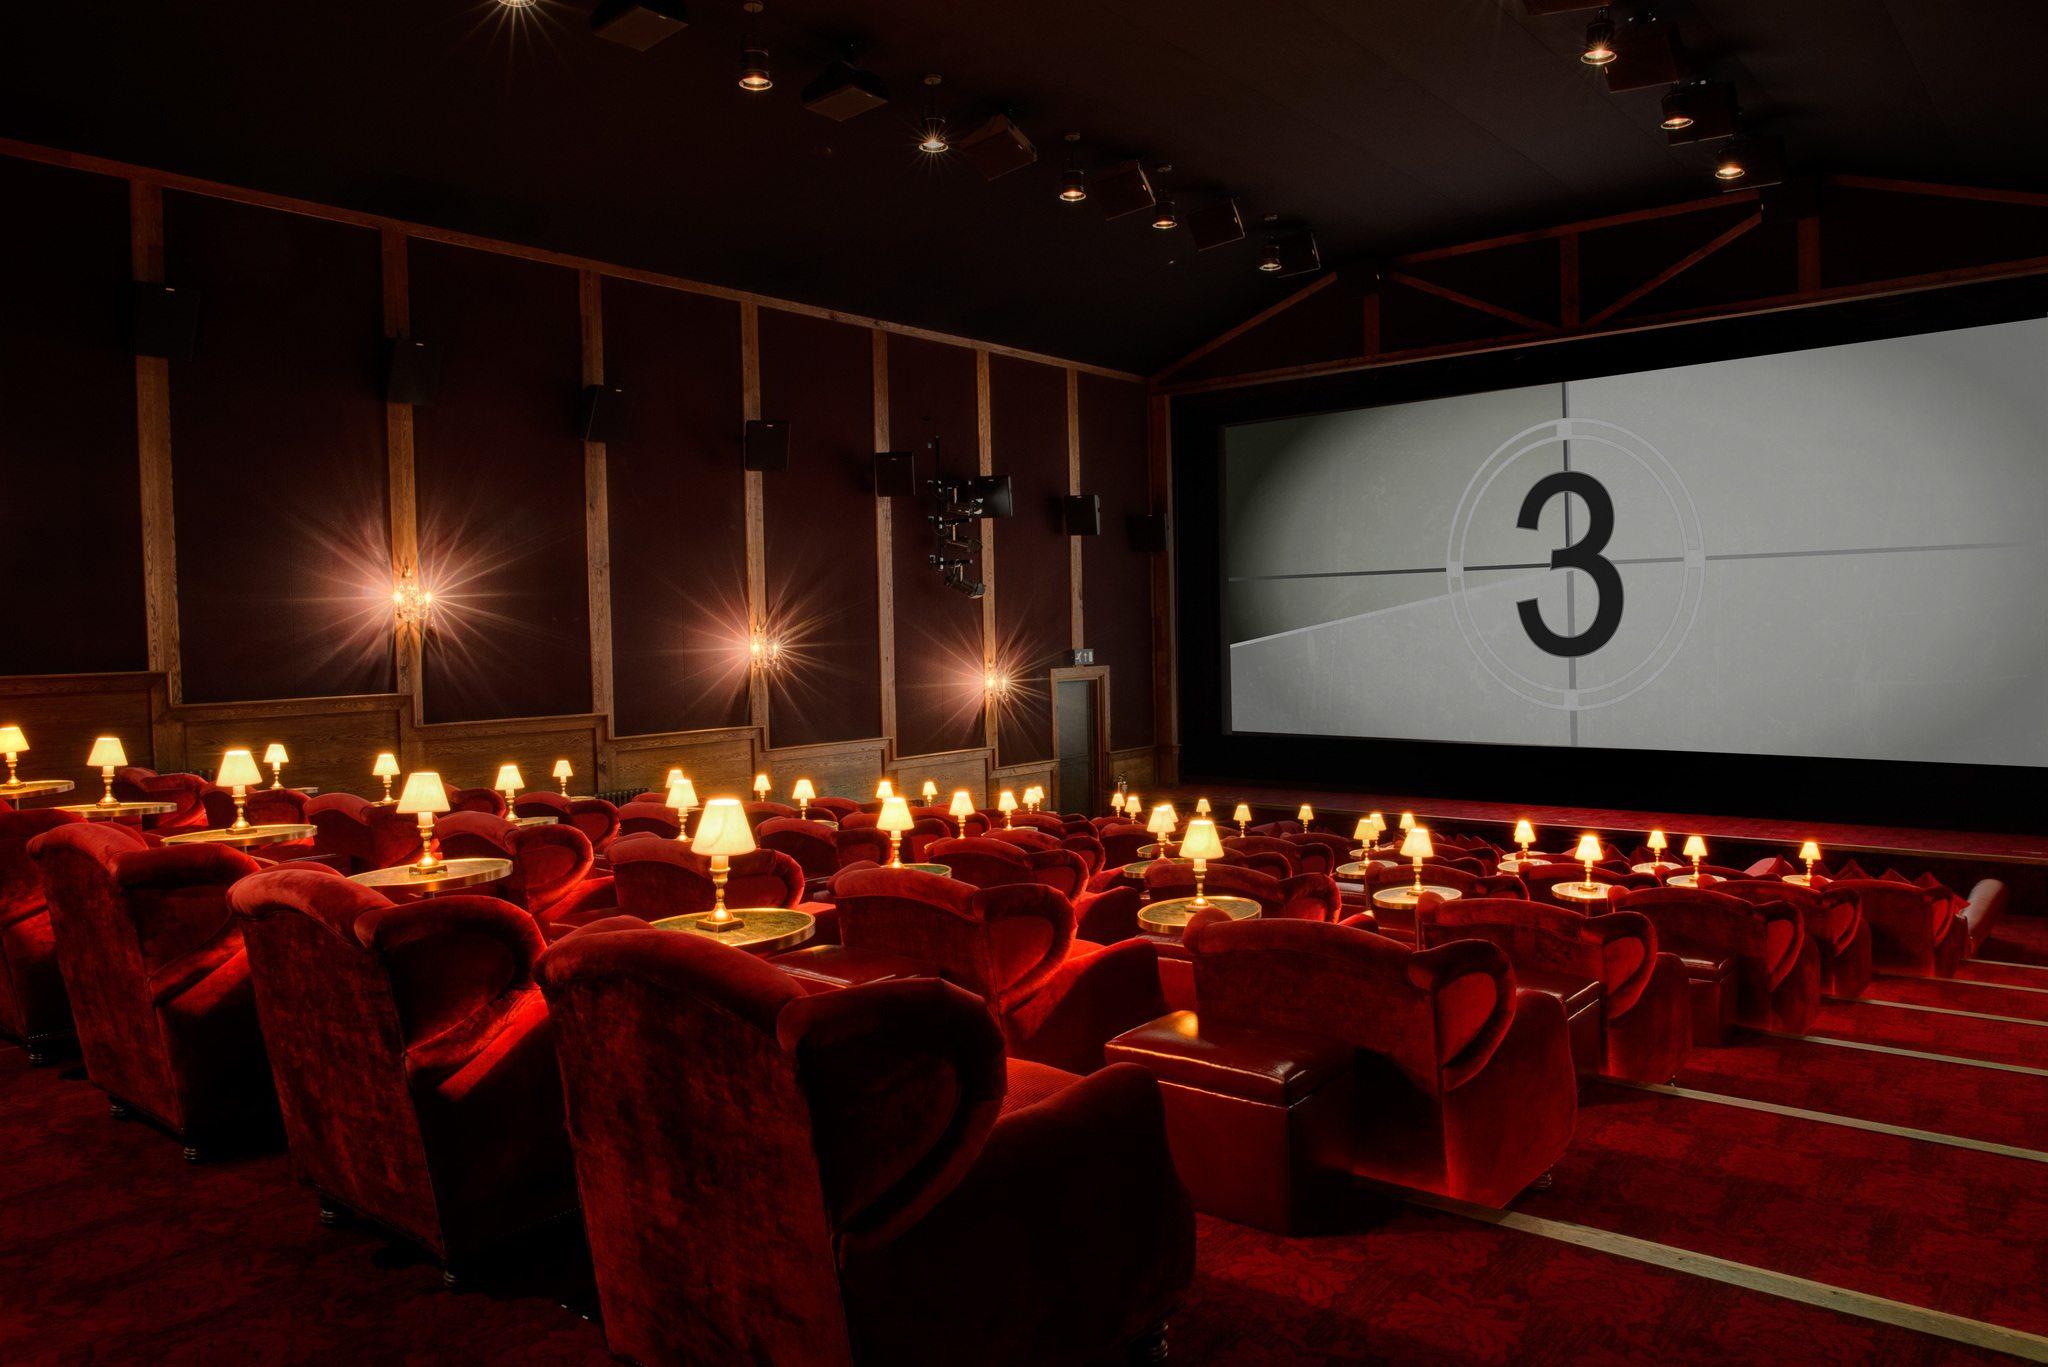 La crisi si aggrava. Requiem per il cinema in sala?